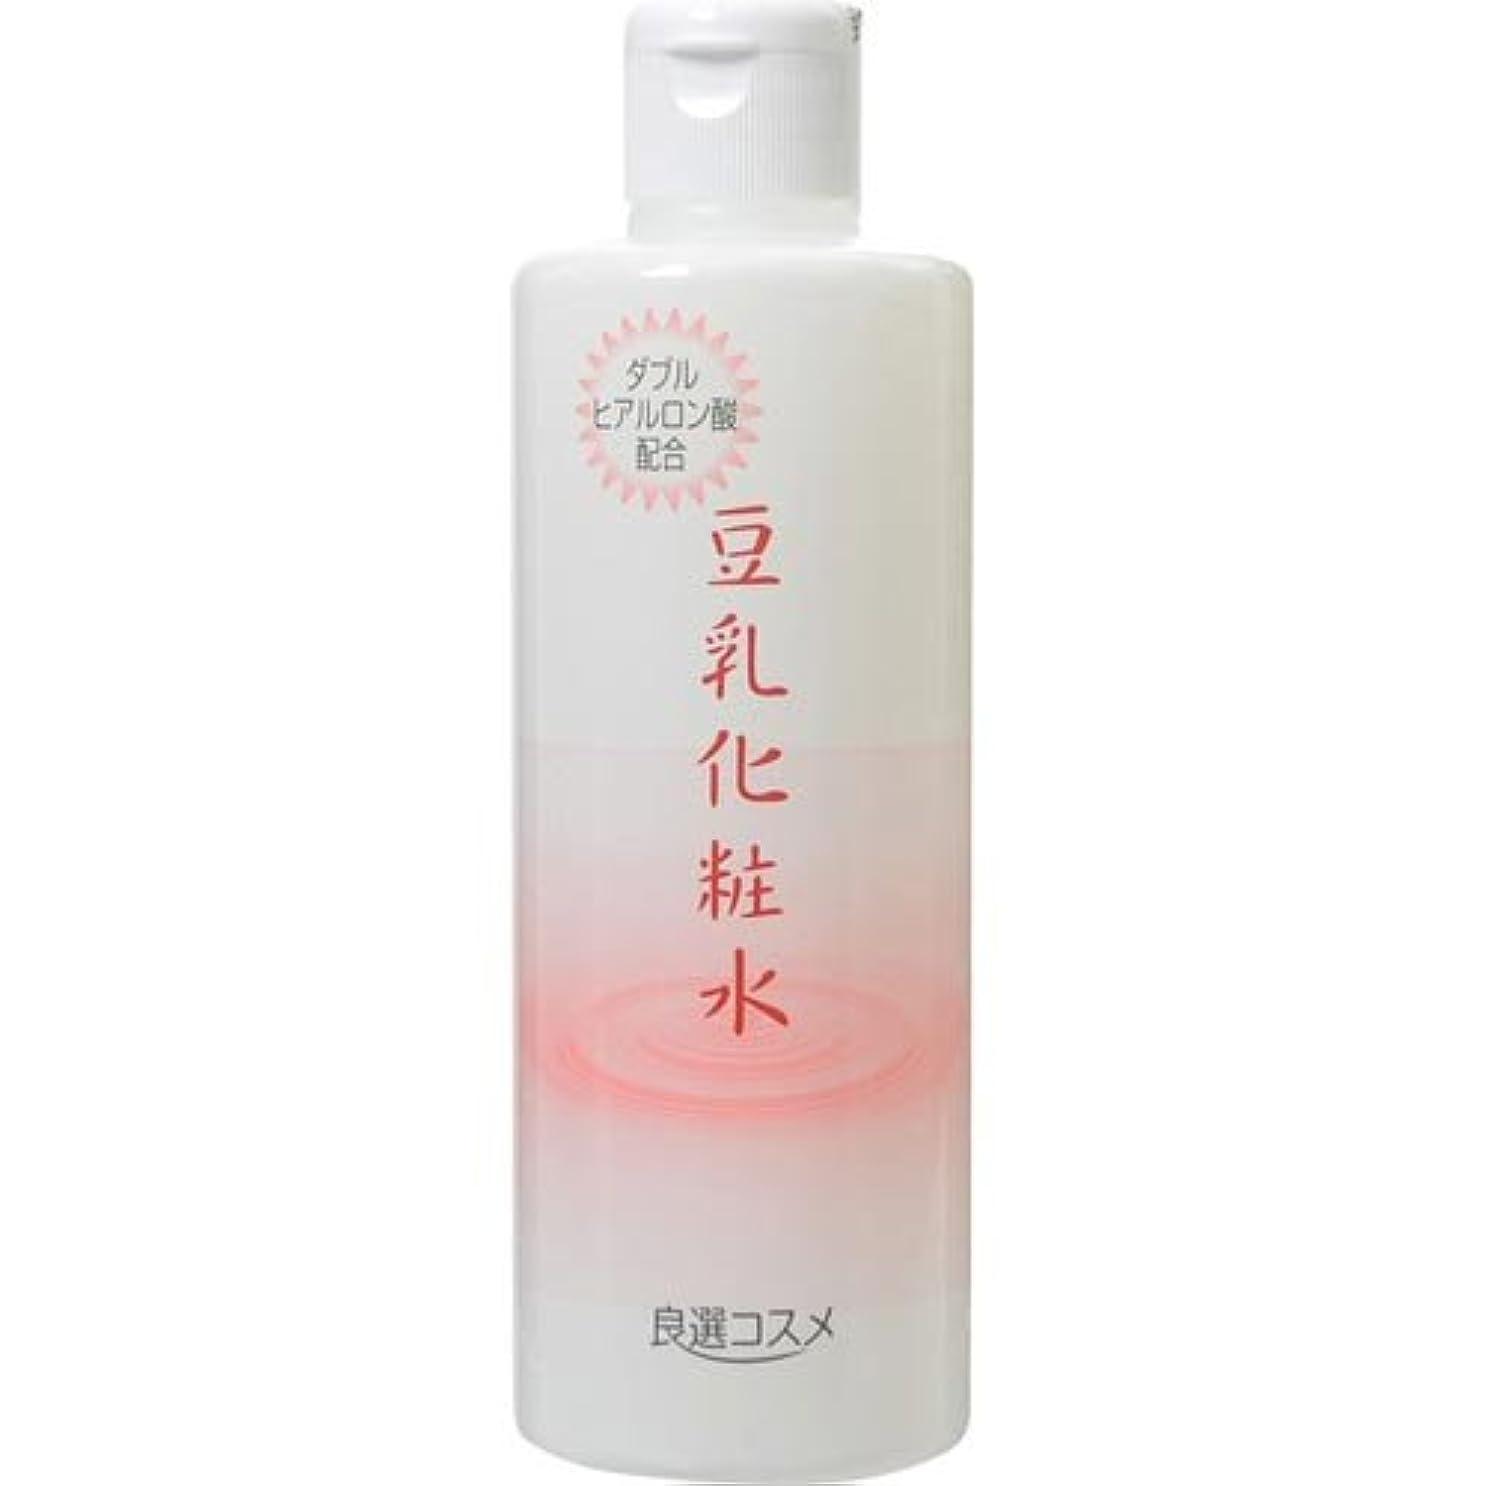 対処する援助する奇妙な良選企画 豆乳化粧水 300ml